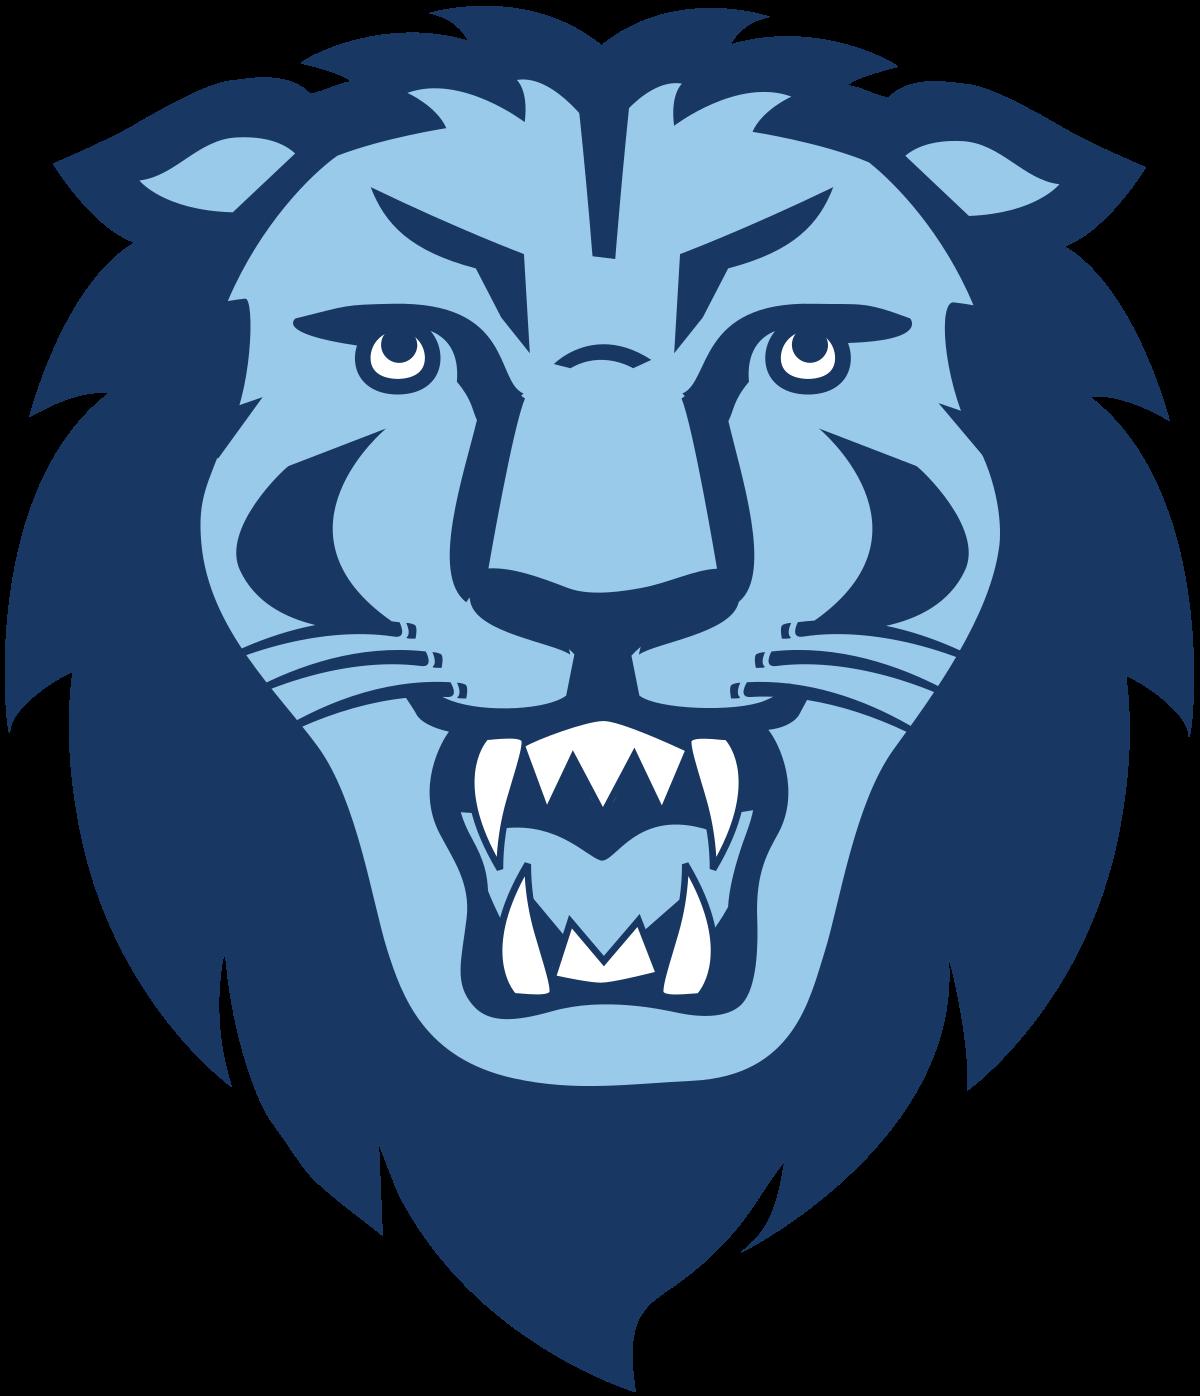 Columbia Lions.